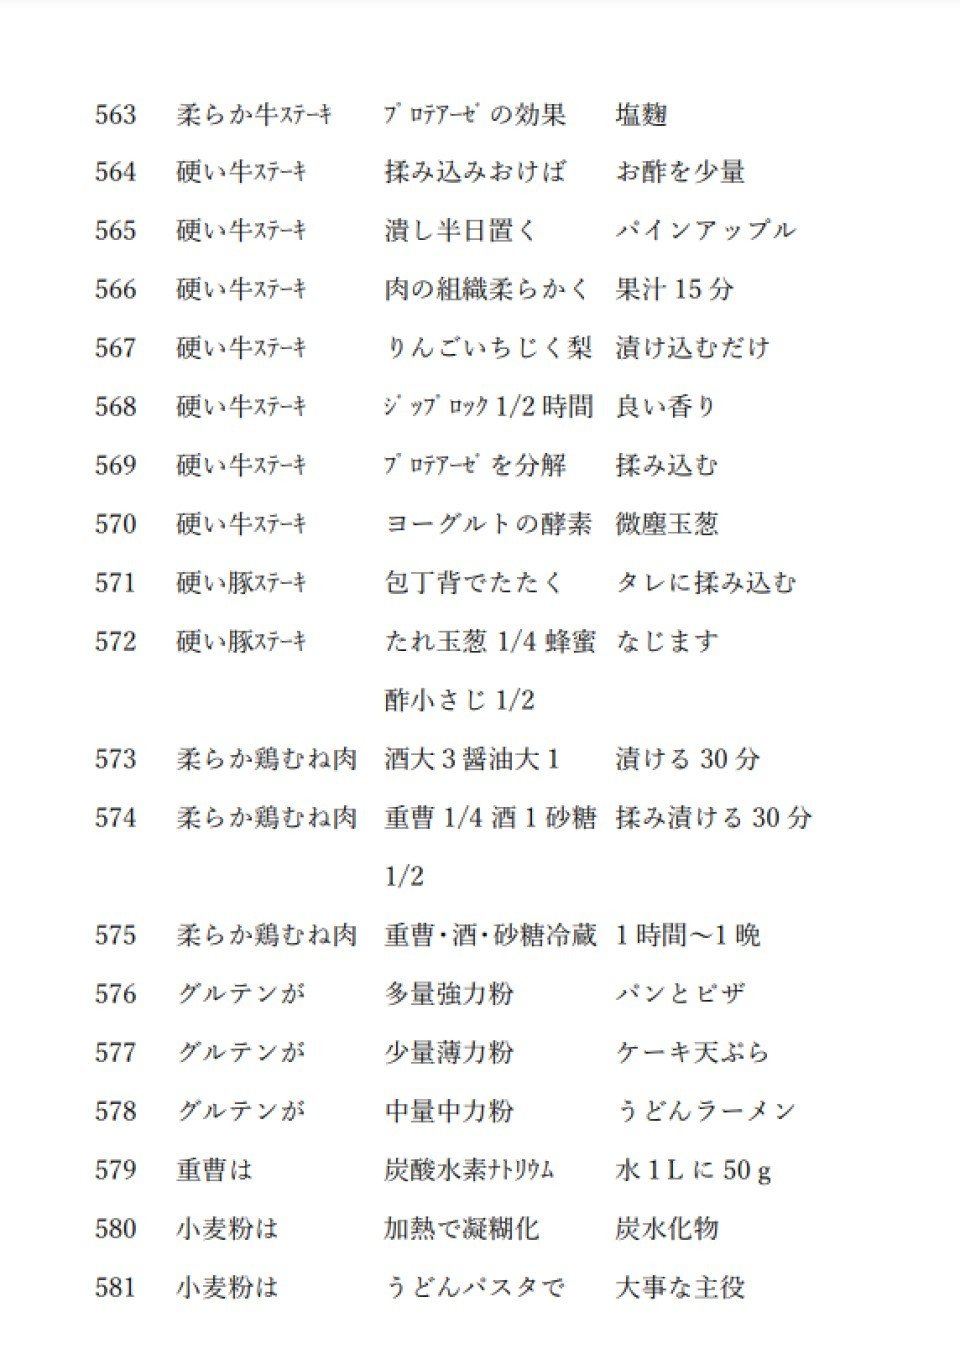 矢田健数え歌563